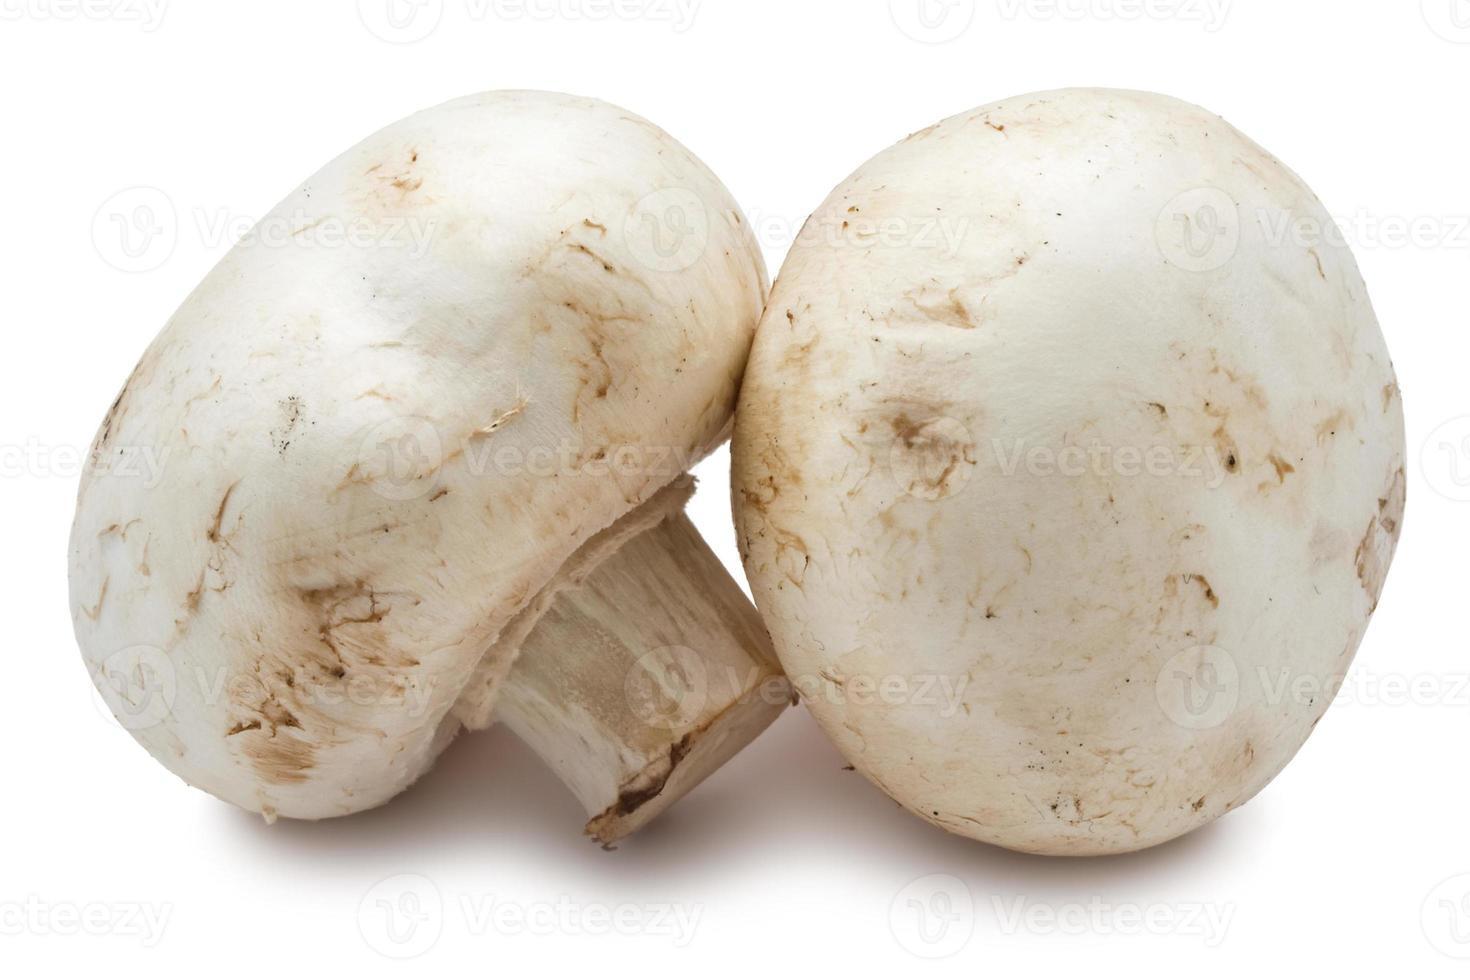 champignon svamp foto